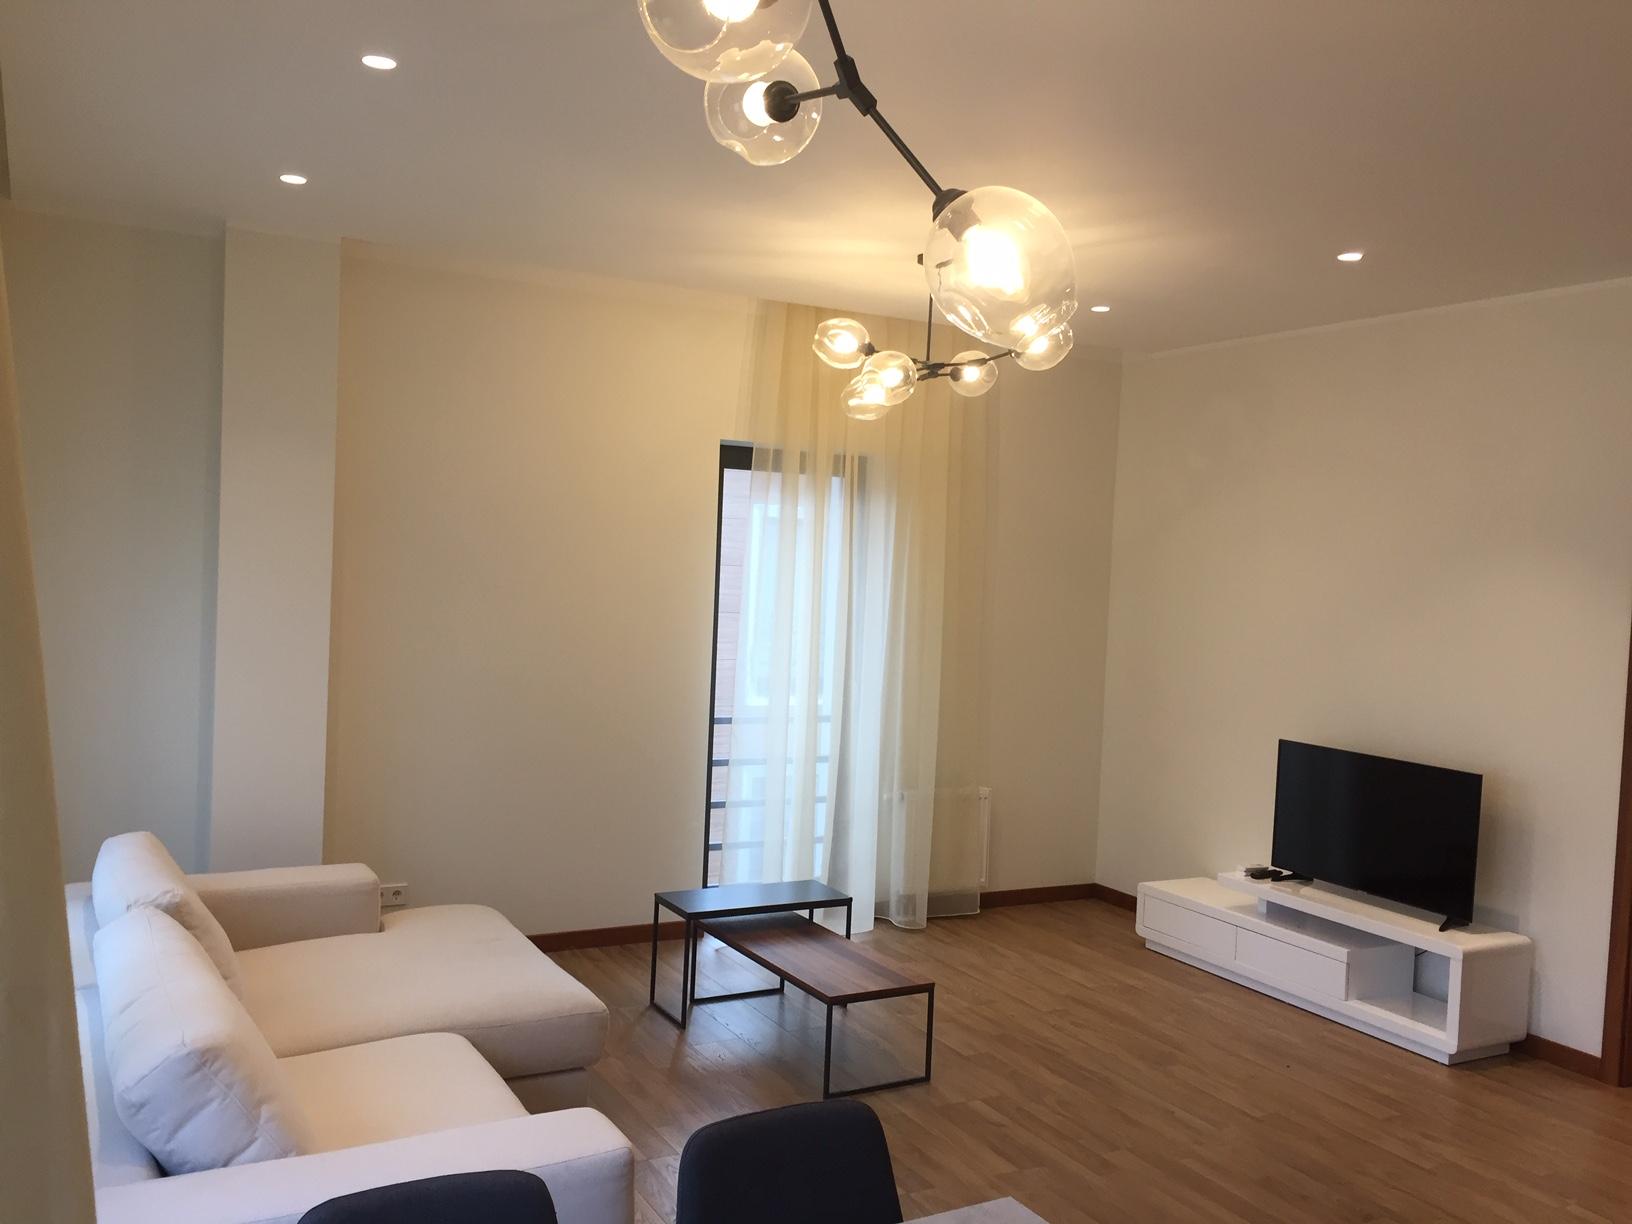 3-комнатная квартира в Булдури